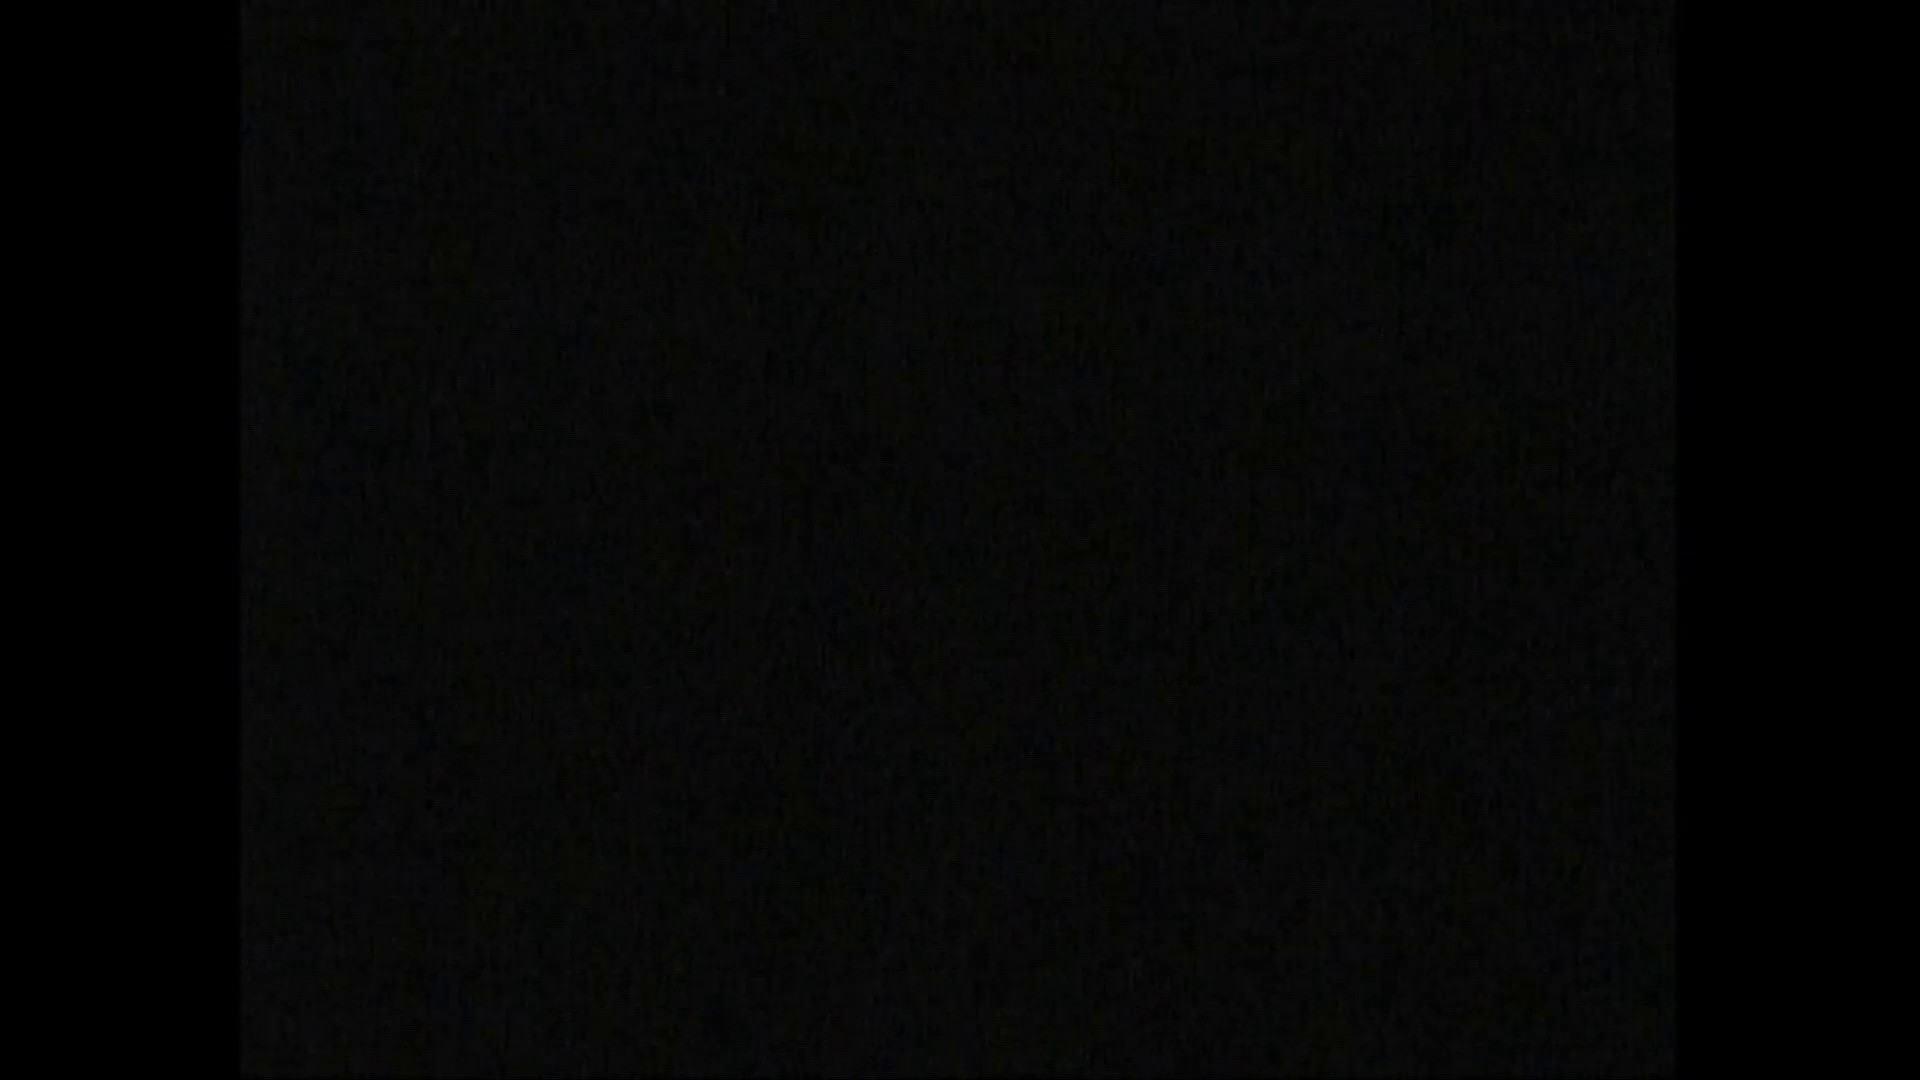 隙間からノゾク風呂 Vol.29 股をグイッとひらいて・・・。 細身体型 オメコ無修正動画無料 76枚 49